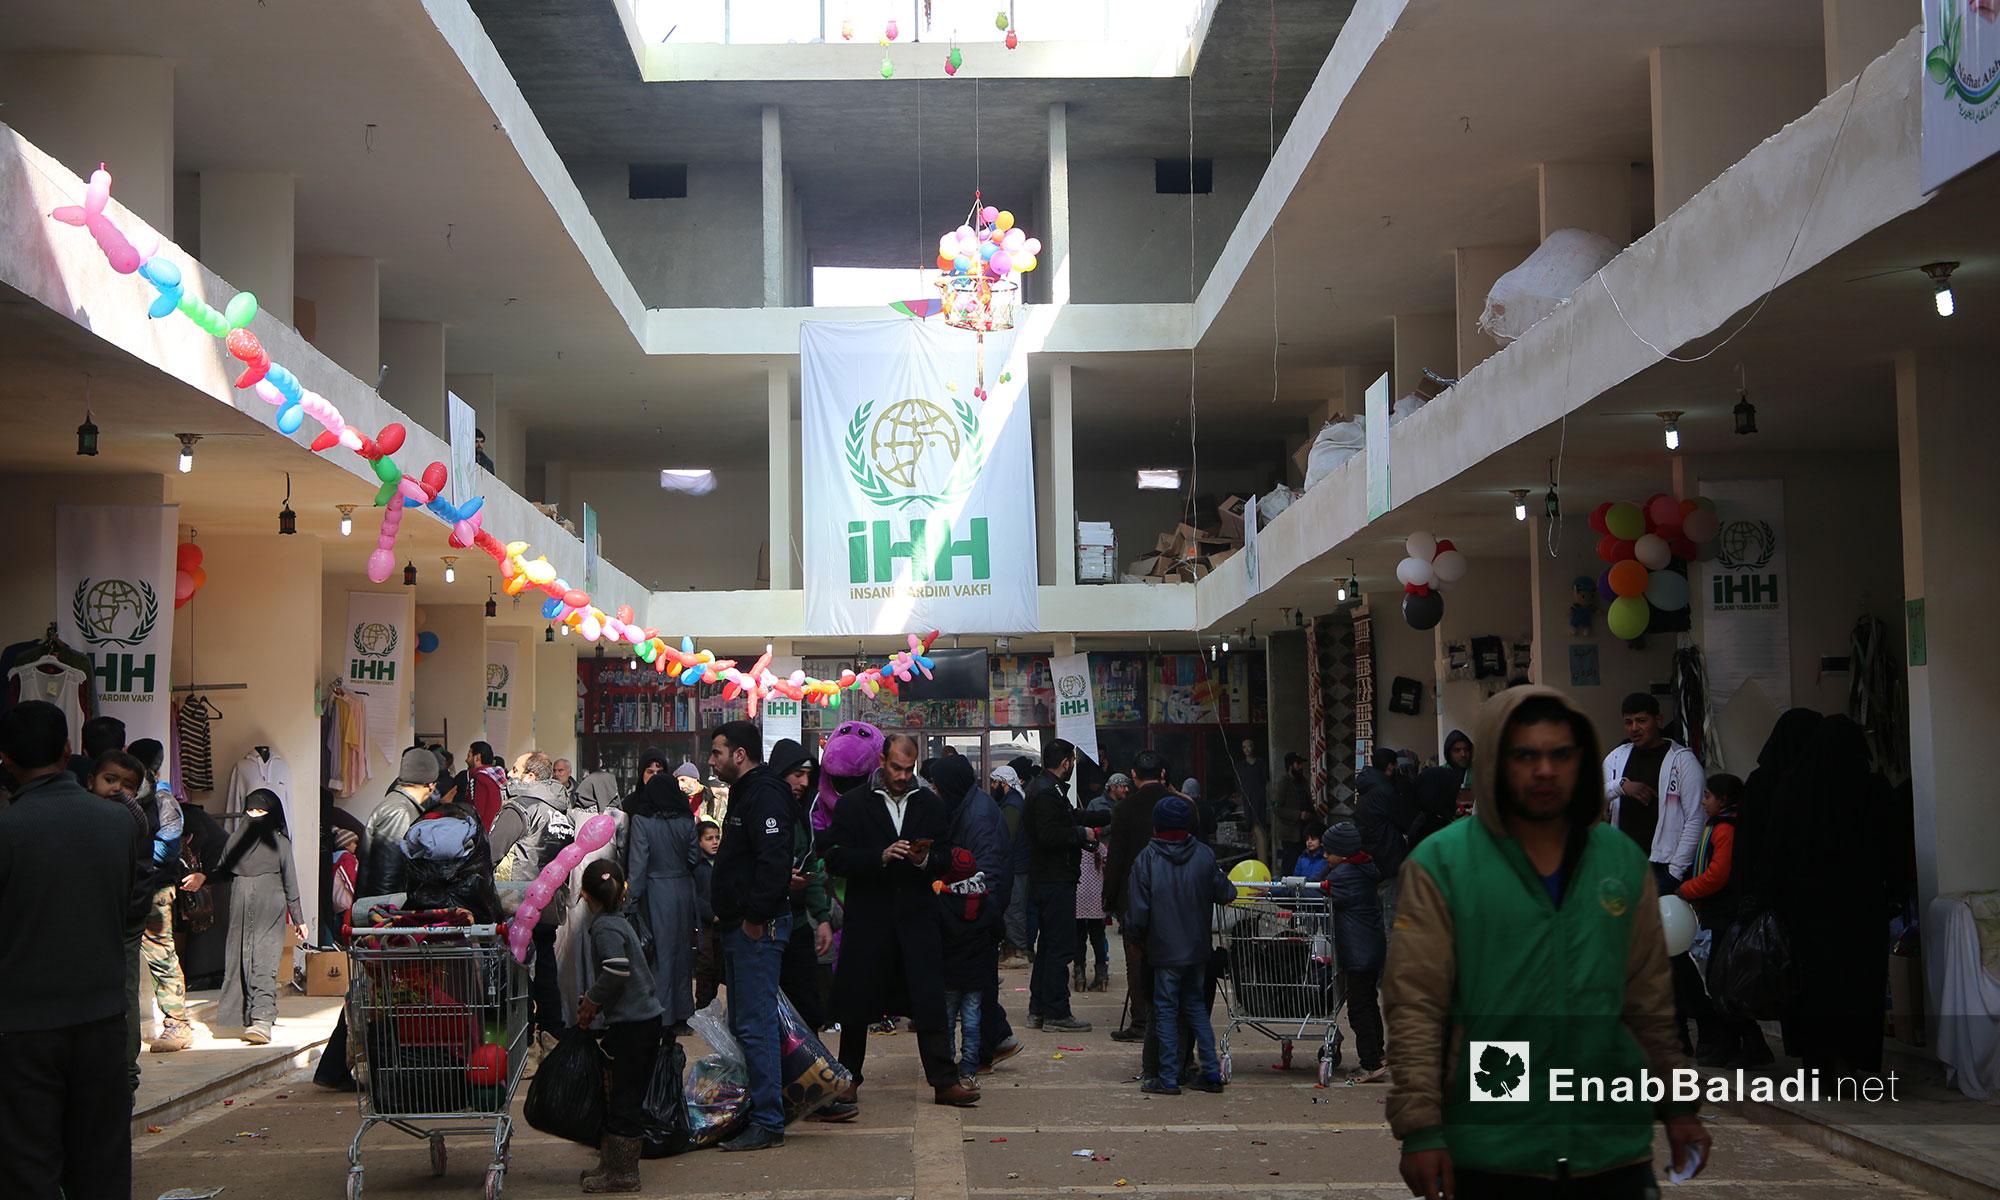 سوق الدانا الخيري بريف إدلب - 19 كانون الثاني 2017 (عنب بلدي)